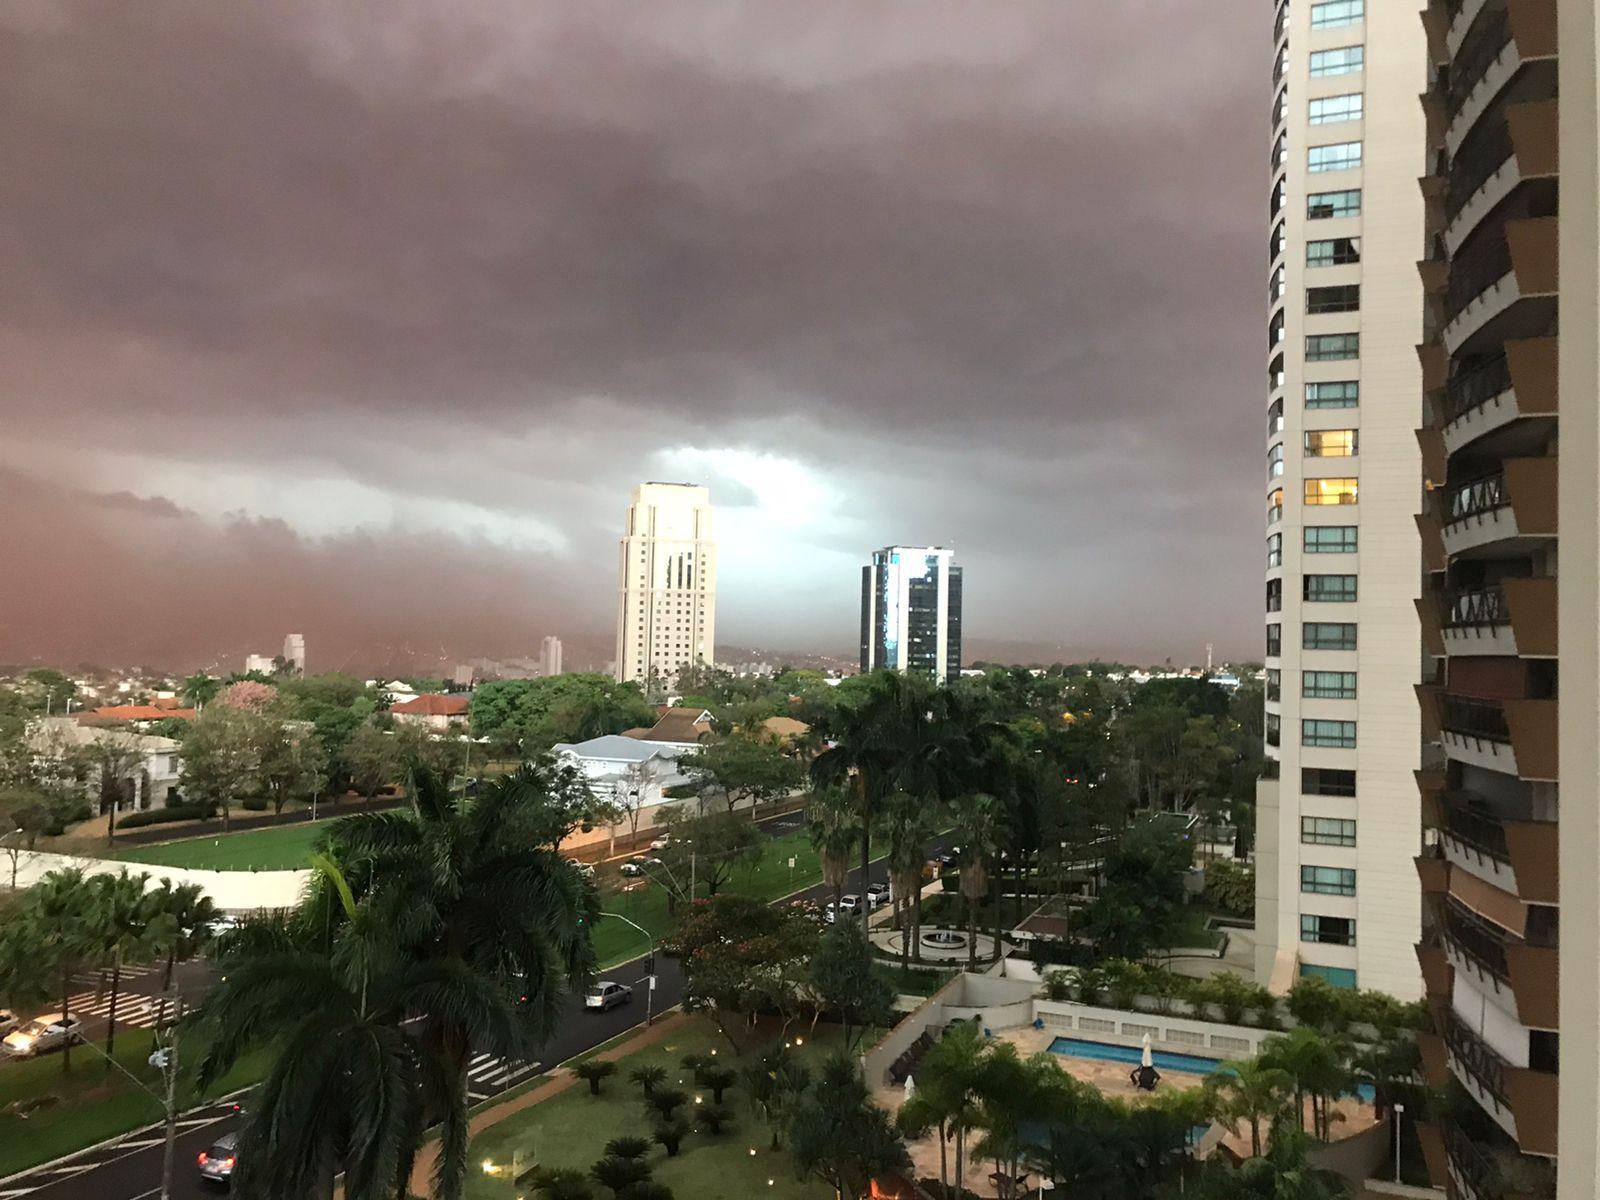 Revide, Nuvem de poeira volta atingir cidades da região de Ribeirão Preto , clima, tempestade, previsão do tempo, Ribeirão Preto